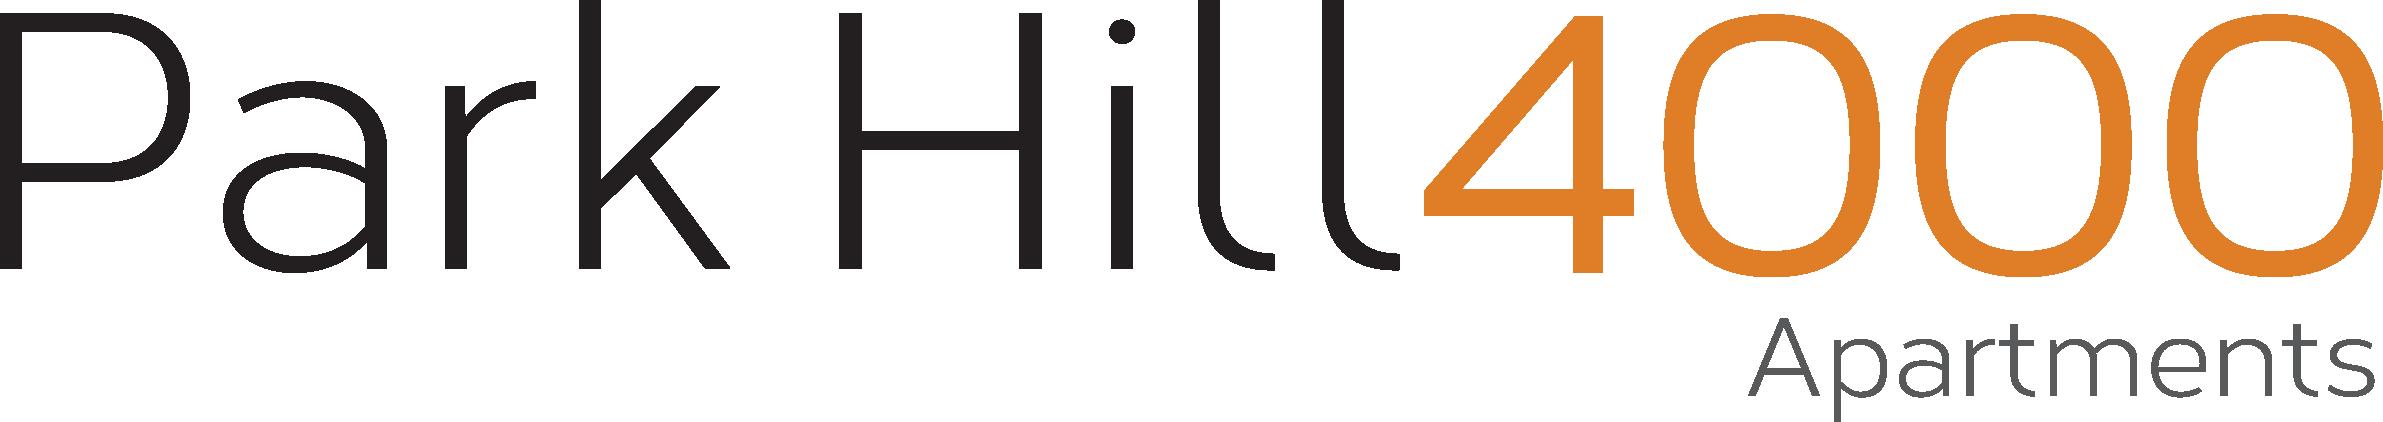 ph4000-logo